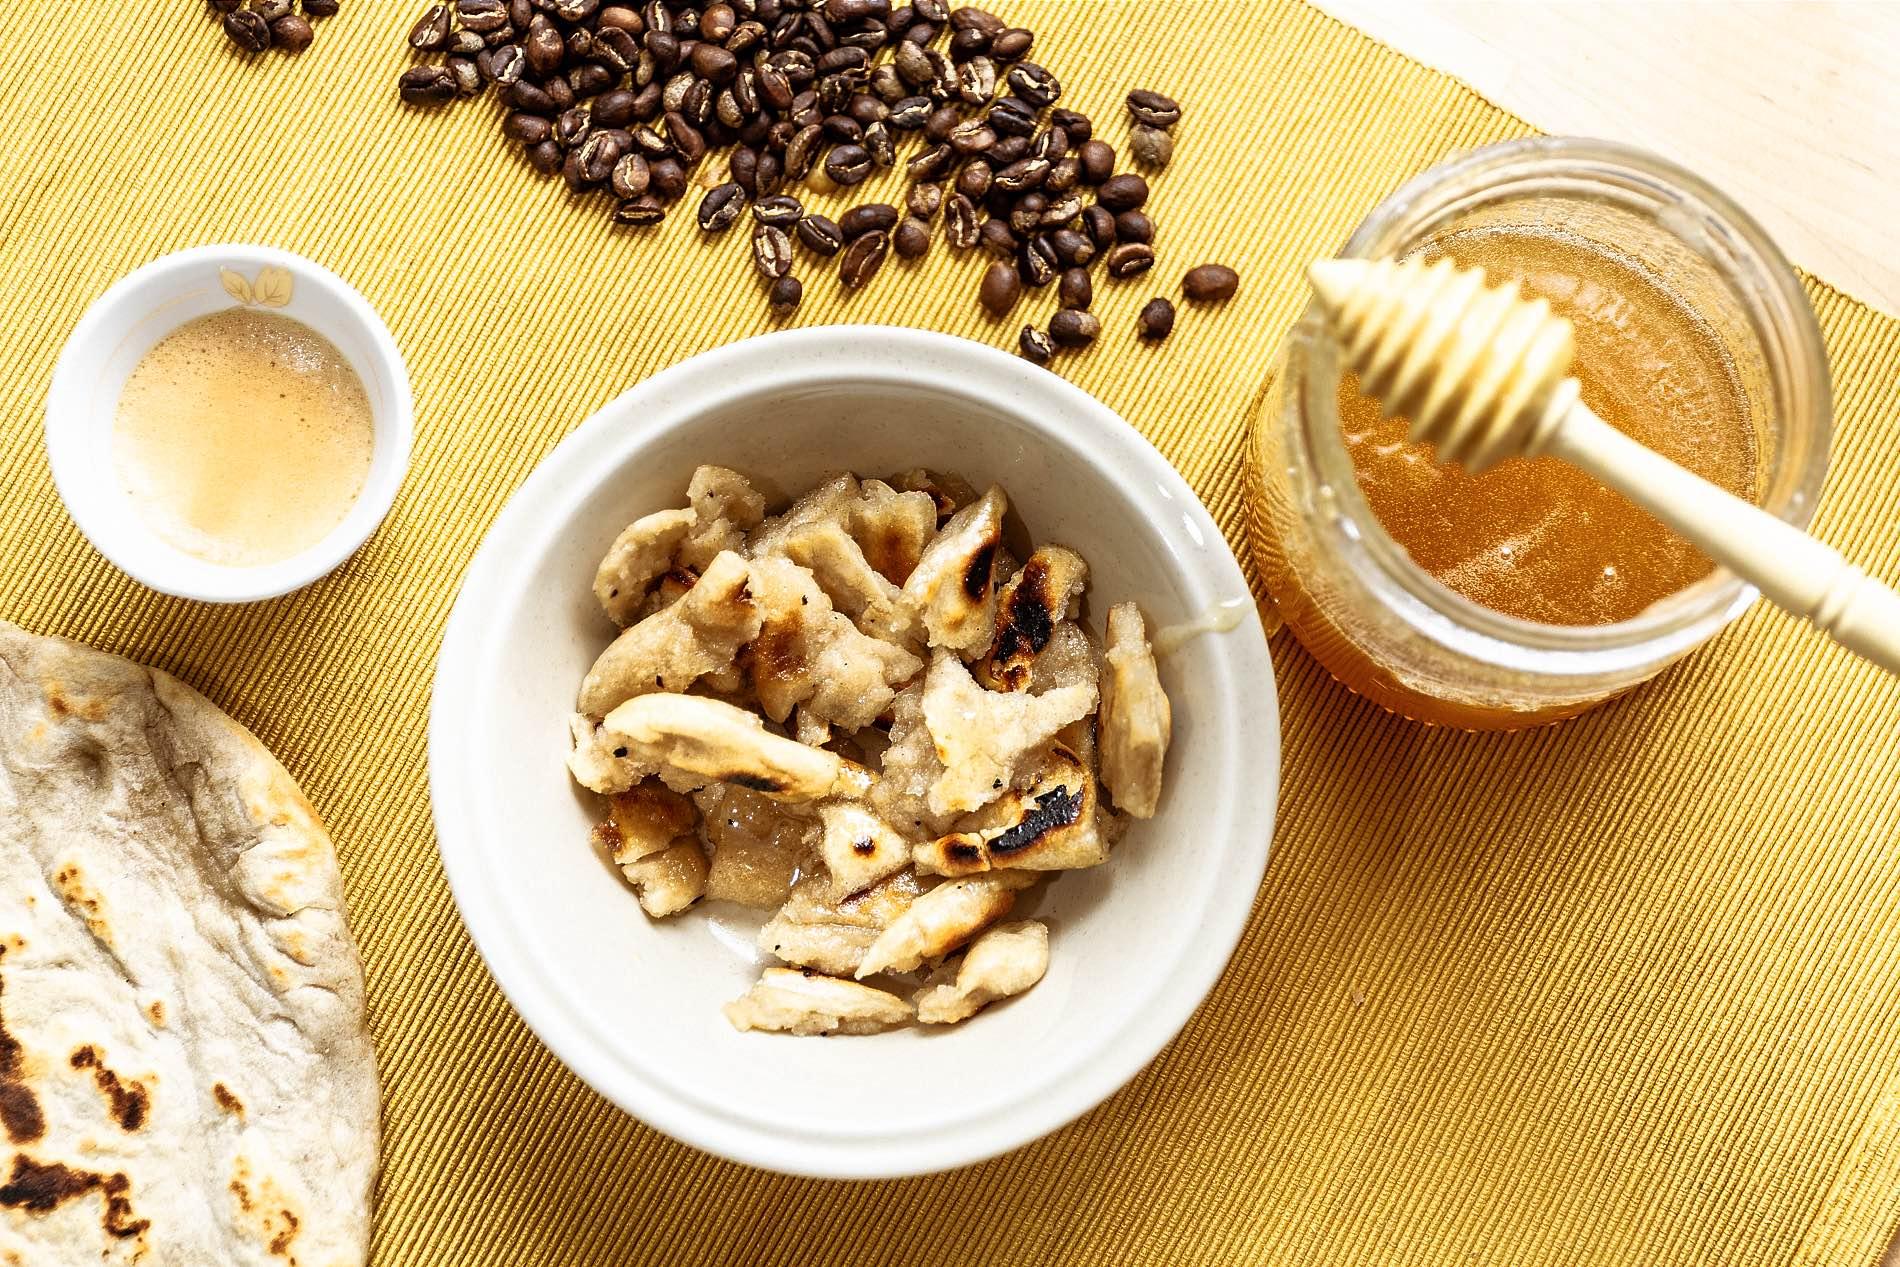 Foto einer kleinen Schüssel mit Brotstückchen, daneben ein Glas Honig